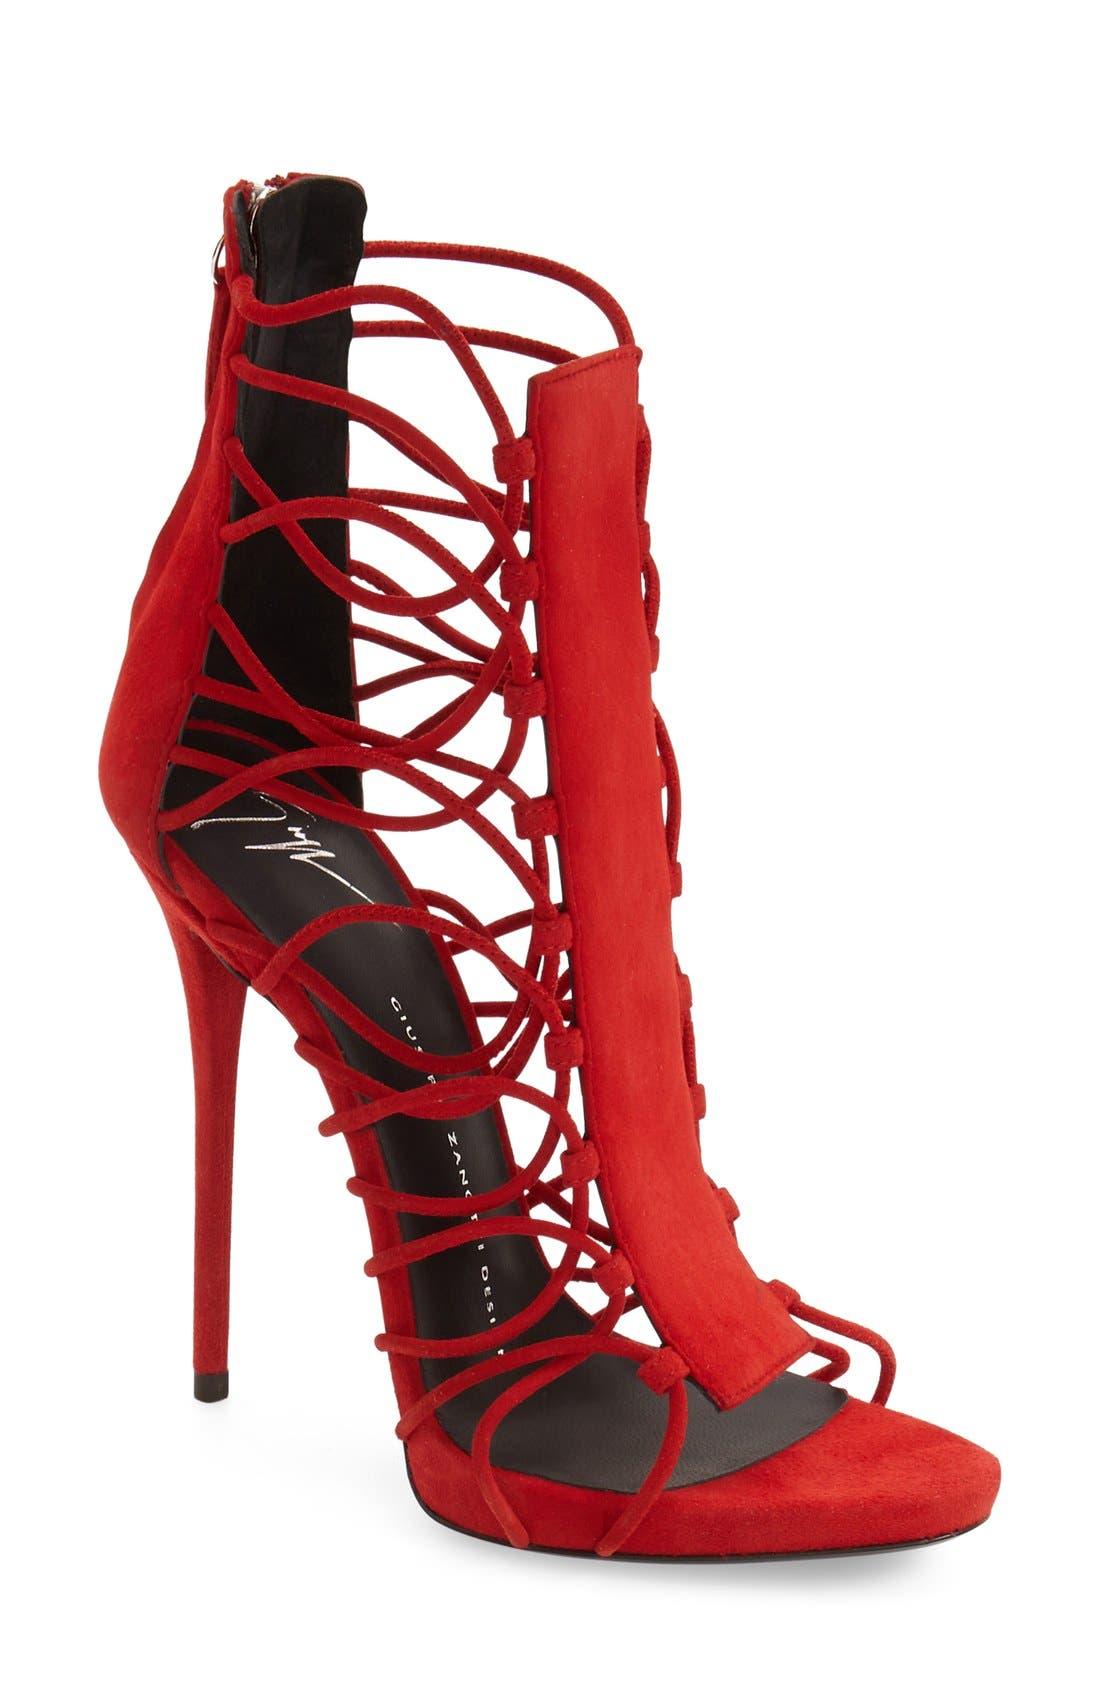 Alternate Image 1 Selected - Giuseppe Zanotti 'Coline' Sandal (Women)